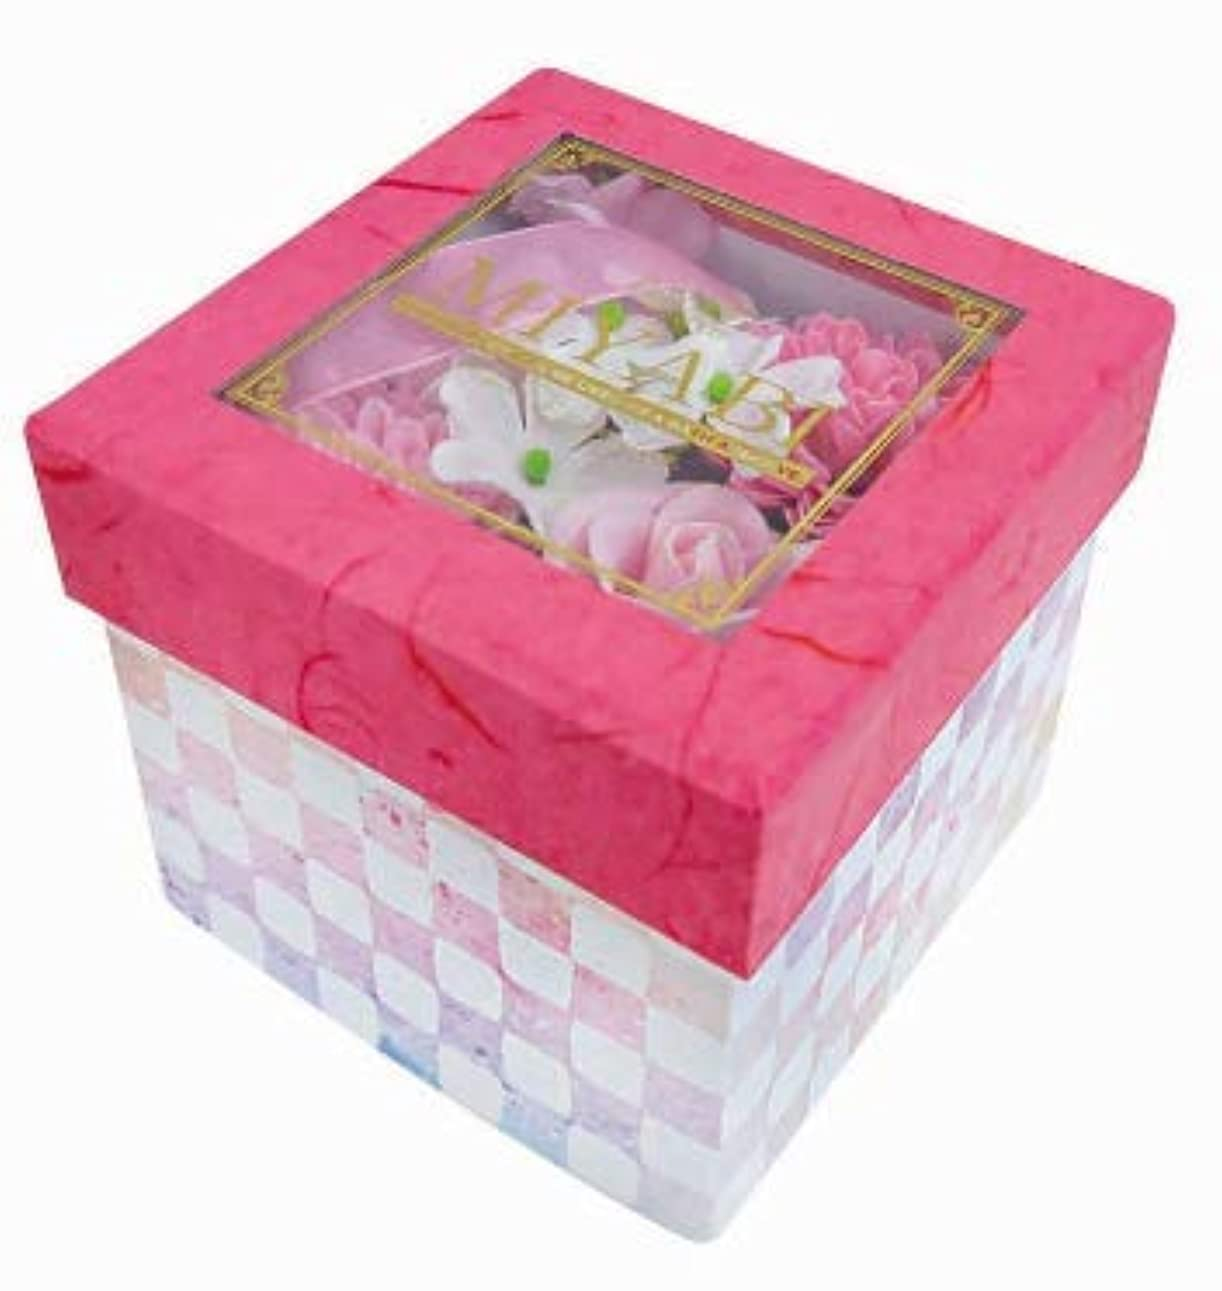 知るペルソナサスティーン花のカタチの入浴剤 和バスフレBOX-MIYABI-M恋 775581